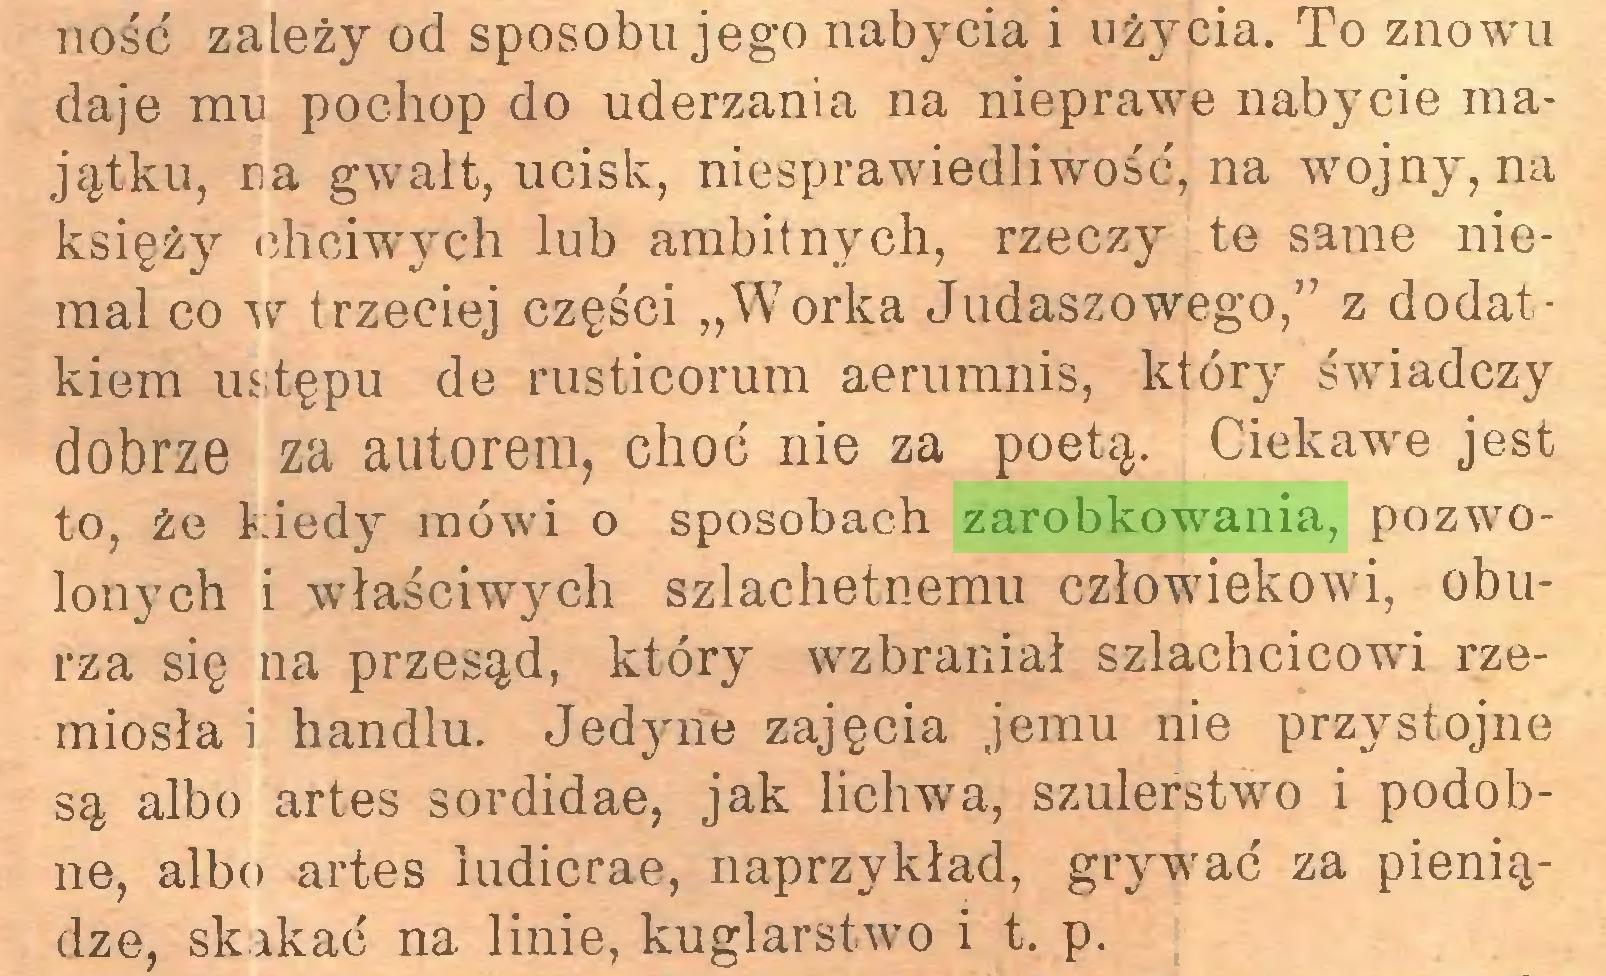 """(...) ność zależy od sposobu jego nabycia i użycia. To znowui daje mu pochop do uderzania na nieprawne nabycie majątku, na gwałt, ucisk, niesprawiedliwość, na wojny, na księży chciwych lub ambitnych, rzeczy te same niemal co w trzeciej części """"Worka Judaszowego,'' z dodatkiem ustępu de rusticorum aerumnis, który świadczy dobrze za autorem, choć nie za poetą. Ciekawie jest to, że kiedy mówi o sposobach zarobkowania, pozwrolonych i właściwych szlachetnemu człowiekowi, oburza się na przesąd, który wzbraniał szlachcicowi rzemiosła i handlu. Jedyne zajęcia jemu nie przystojne są albo artes sordidae, jak lichwa, szulerstwo i podobne, albo artes ludicrae, naprzykład, grywrać za pieniądze, skakać na linie, kuglarstwm i t. p..."""